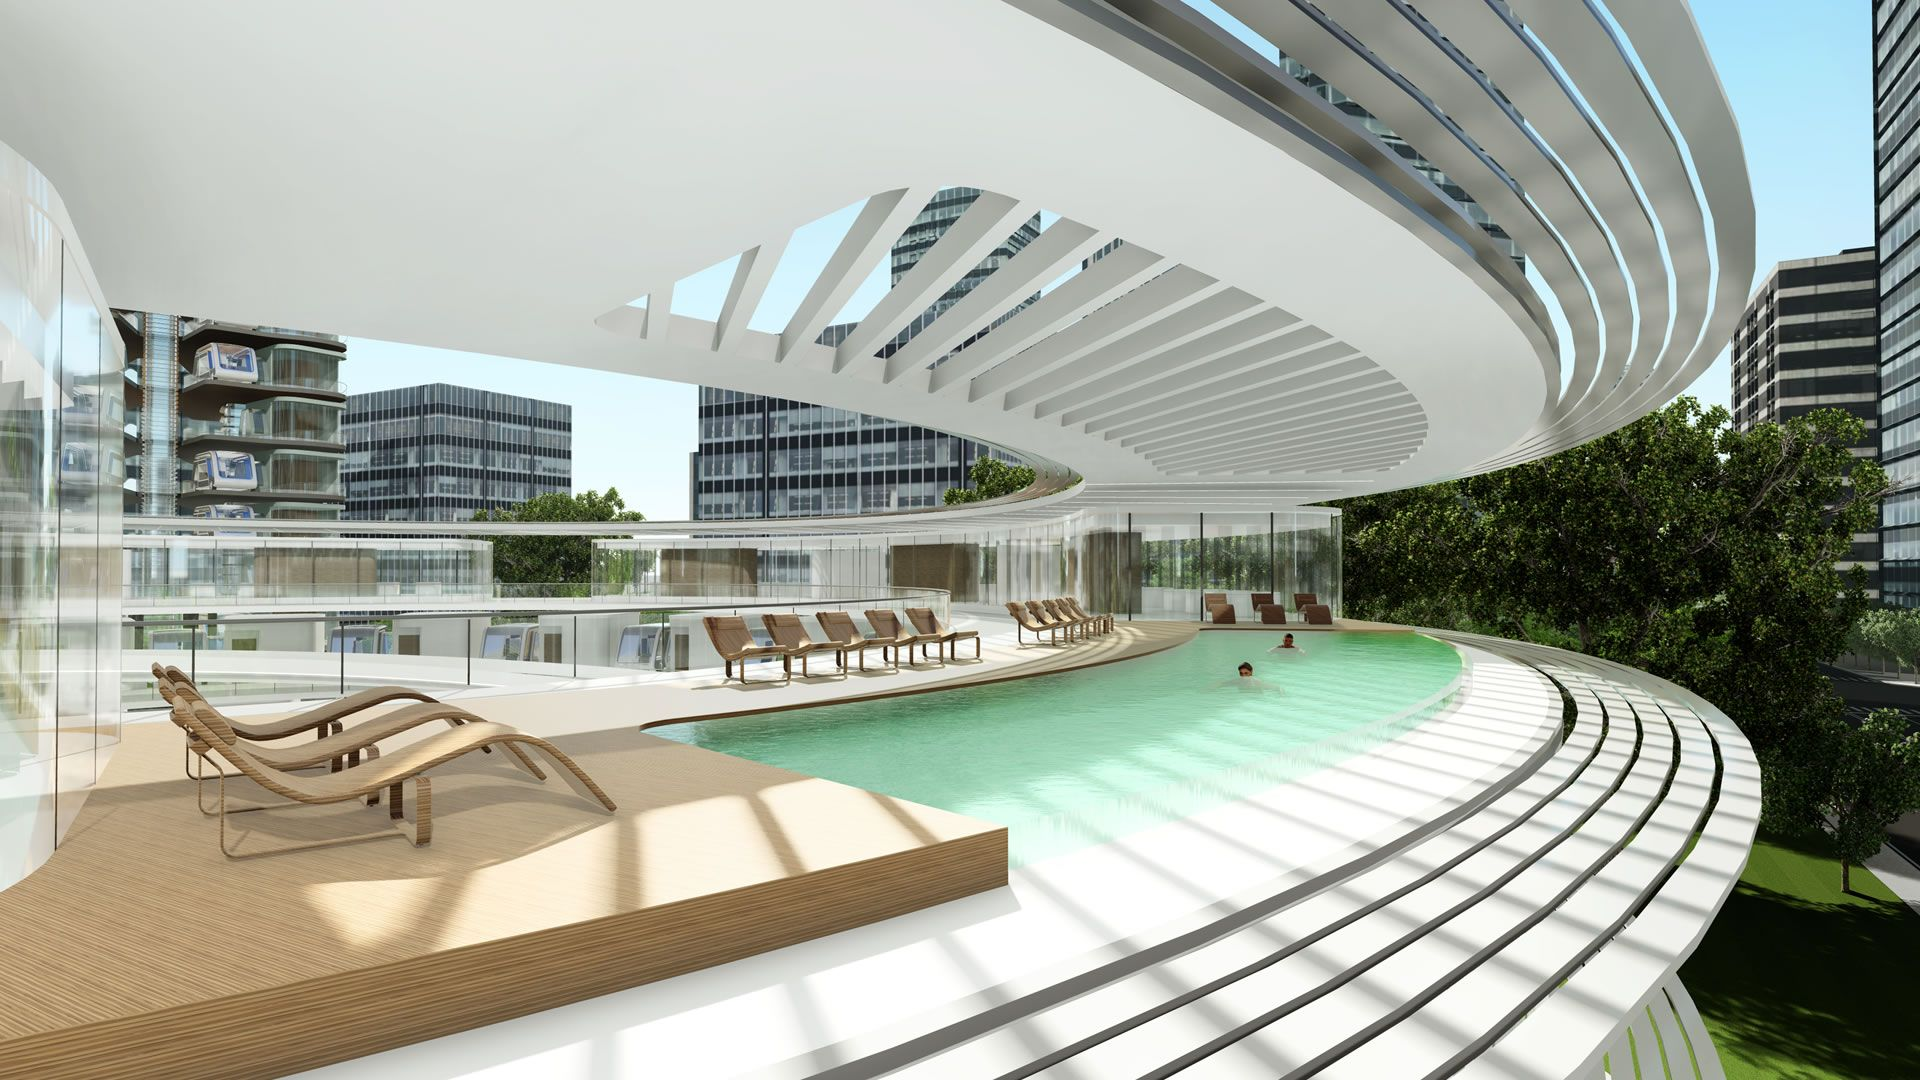 El hotel de futuro presenta una habitación que viaja de un lado a otro: video